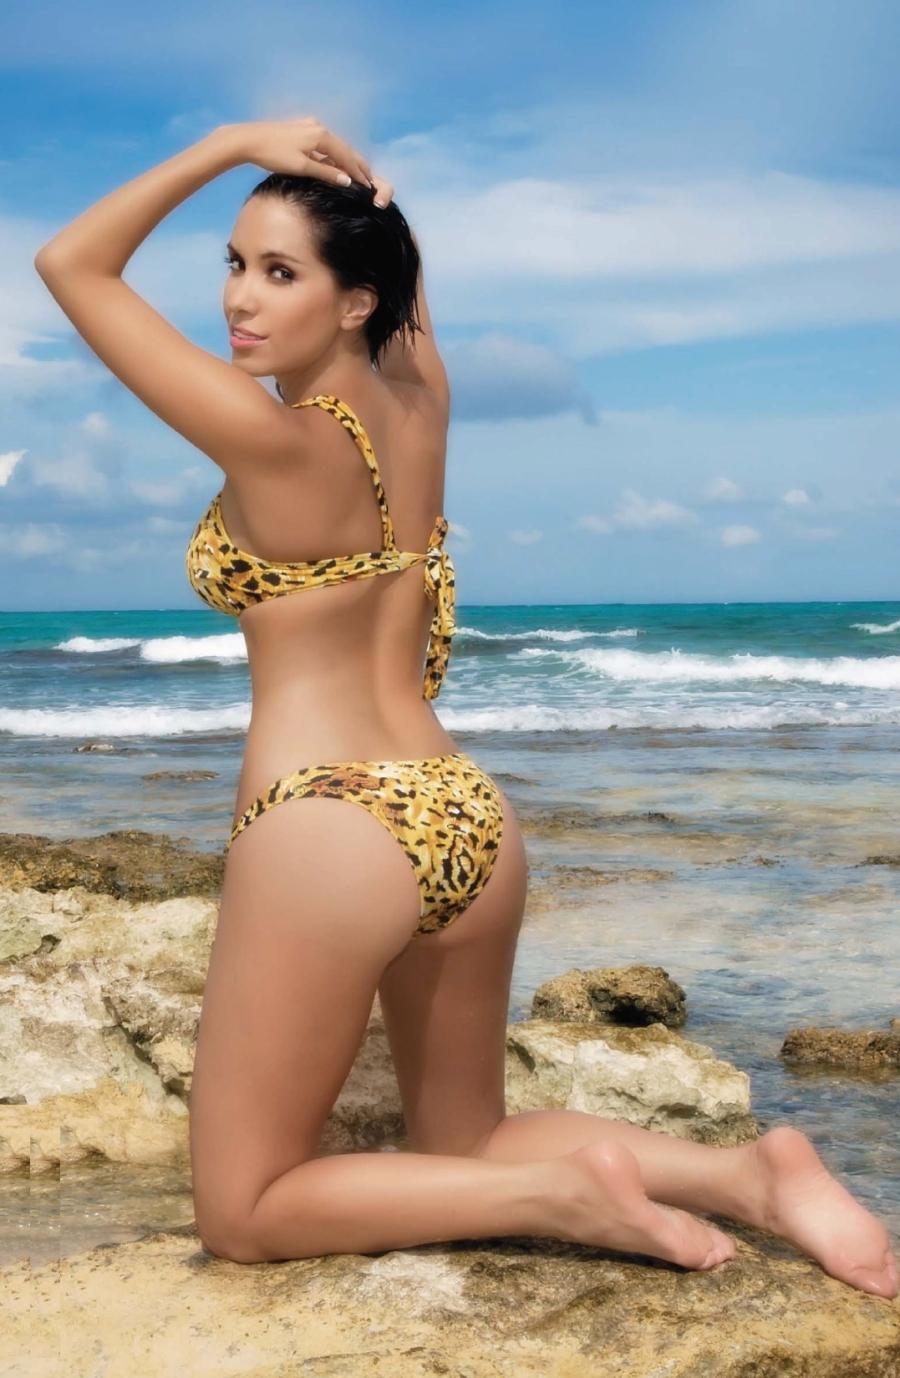 escalona bikini Andrea